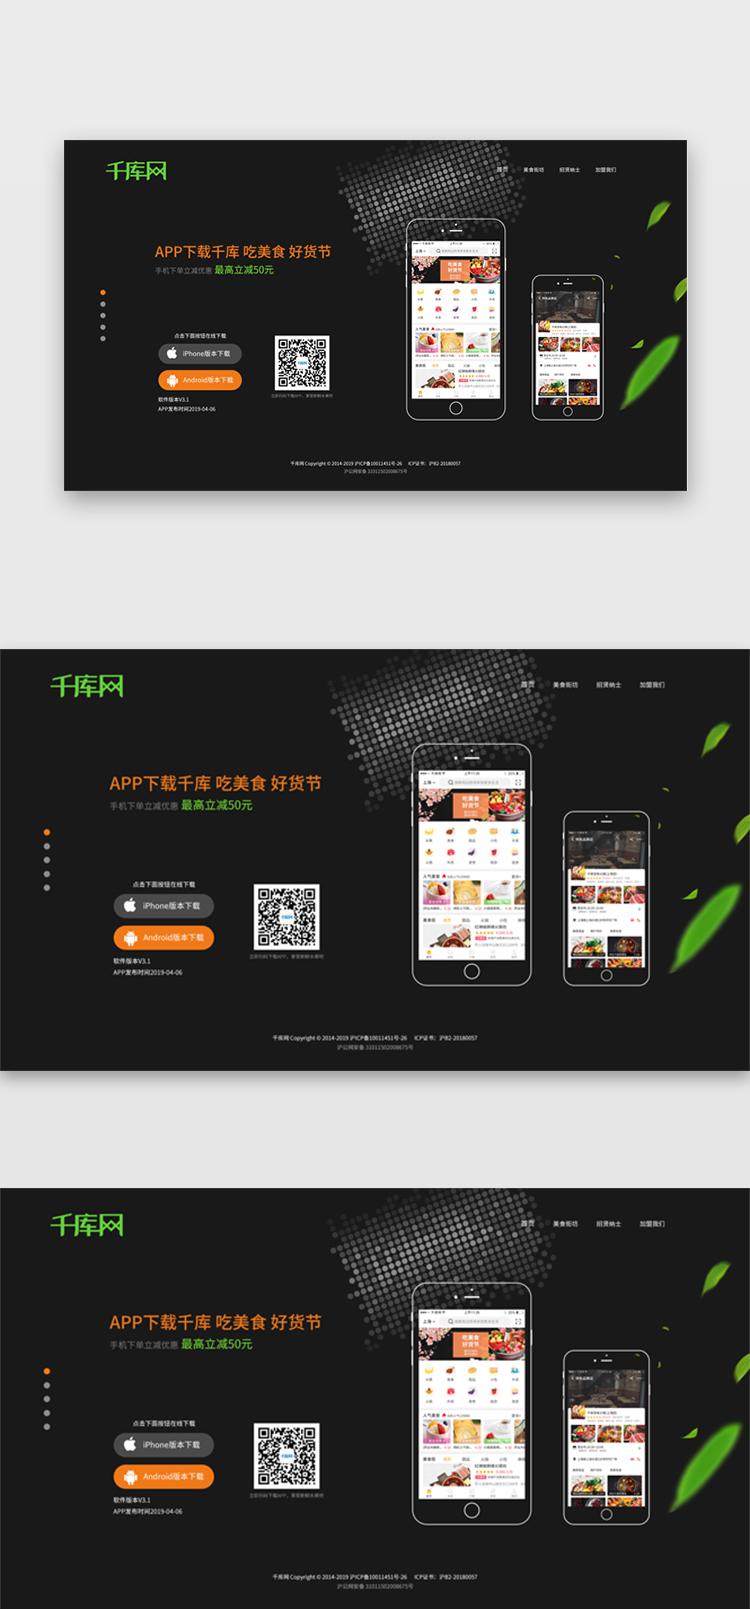 黑色系网站软件下载界面ui页面设计素材镇v黑色门面房设计图4x12图片